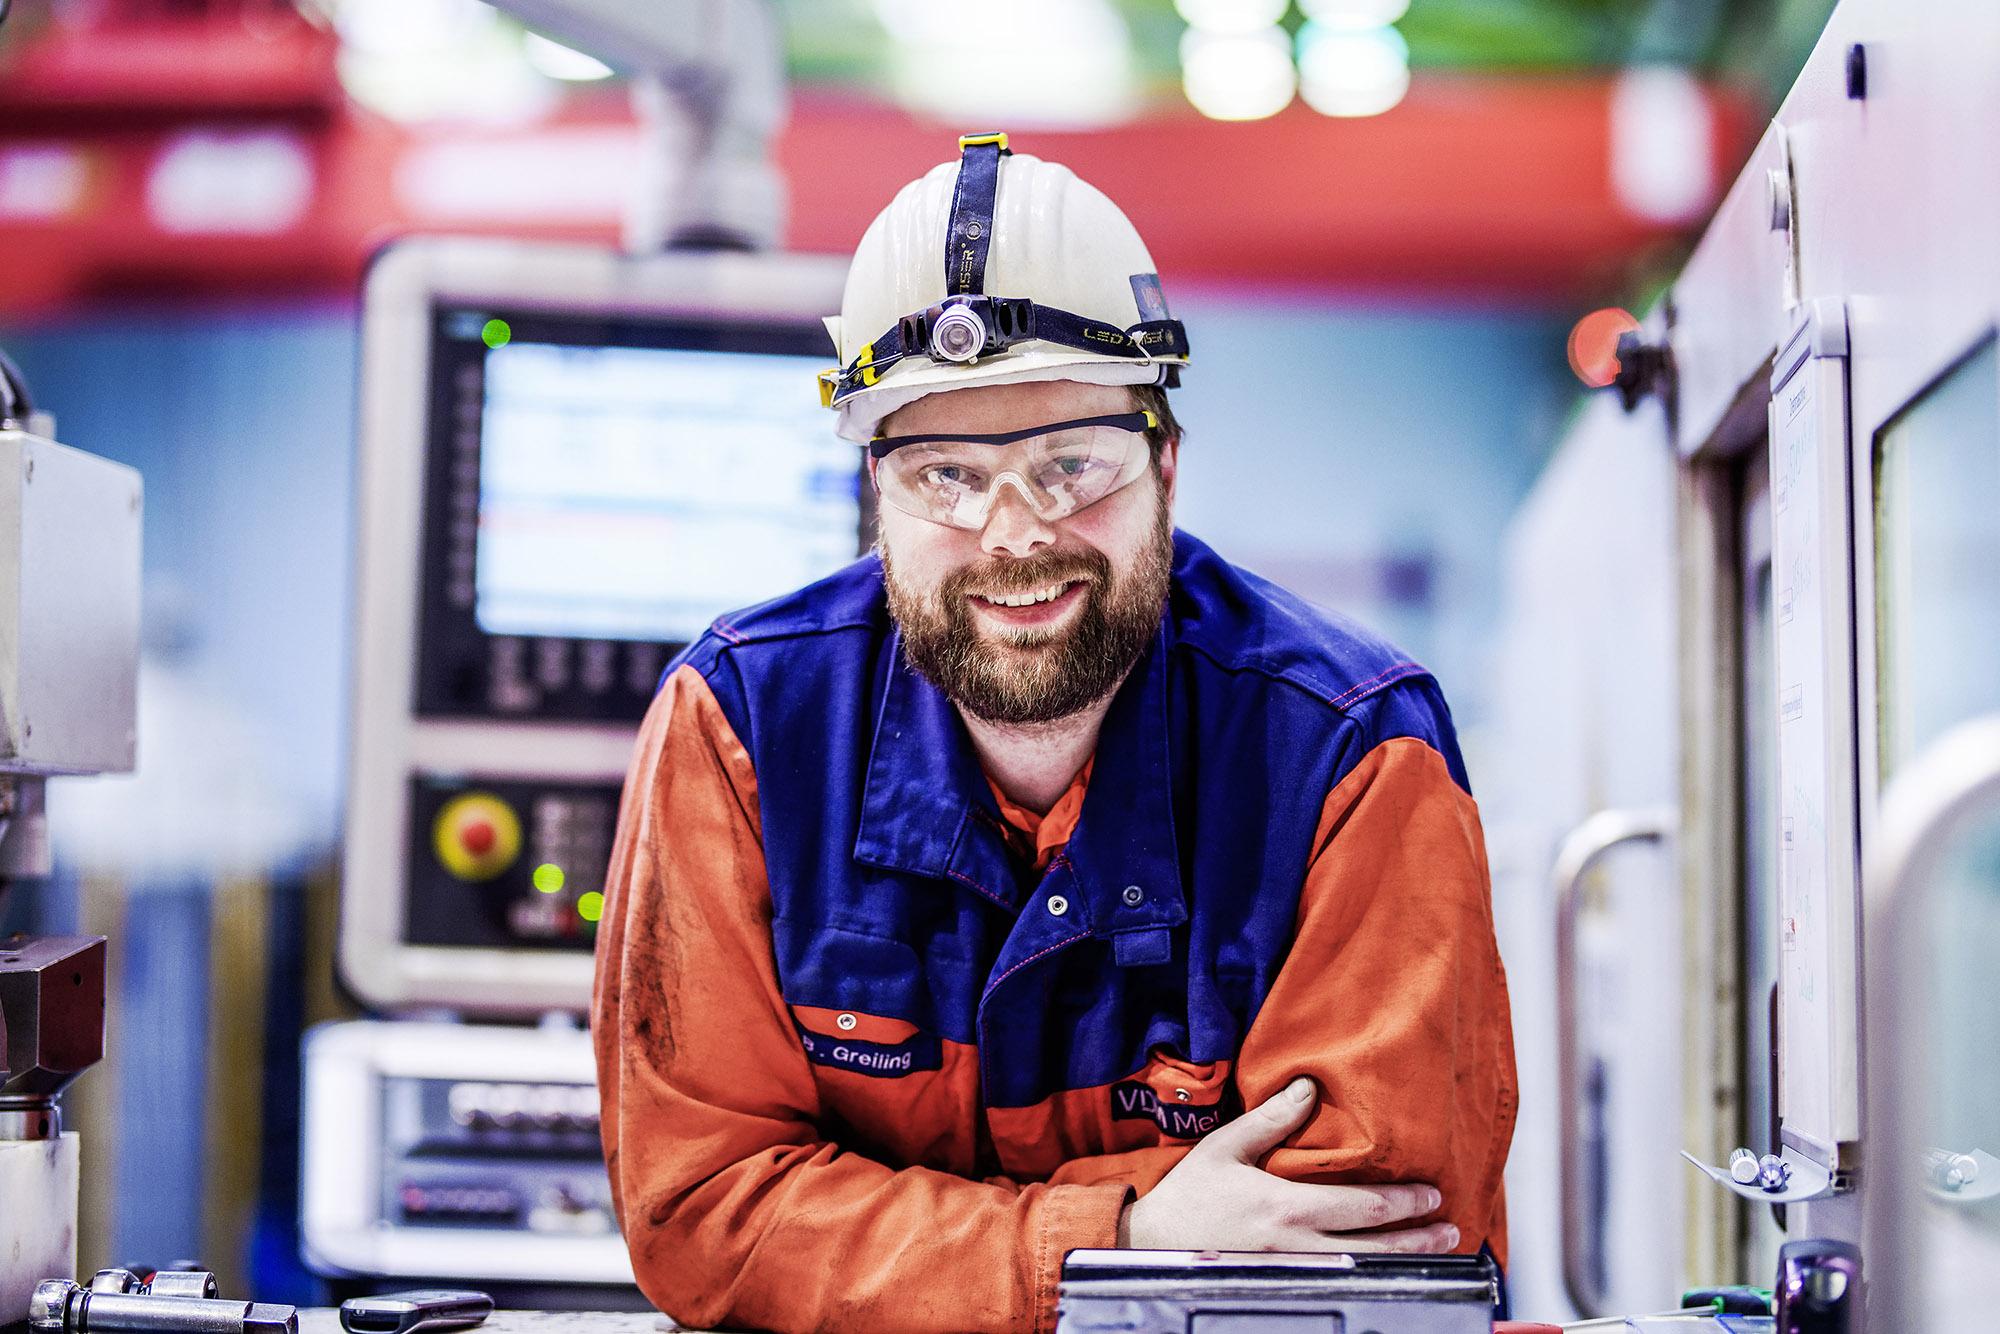 wolfram-schroll_industriefotograf_m19_021